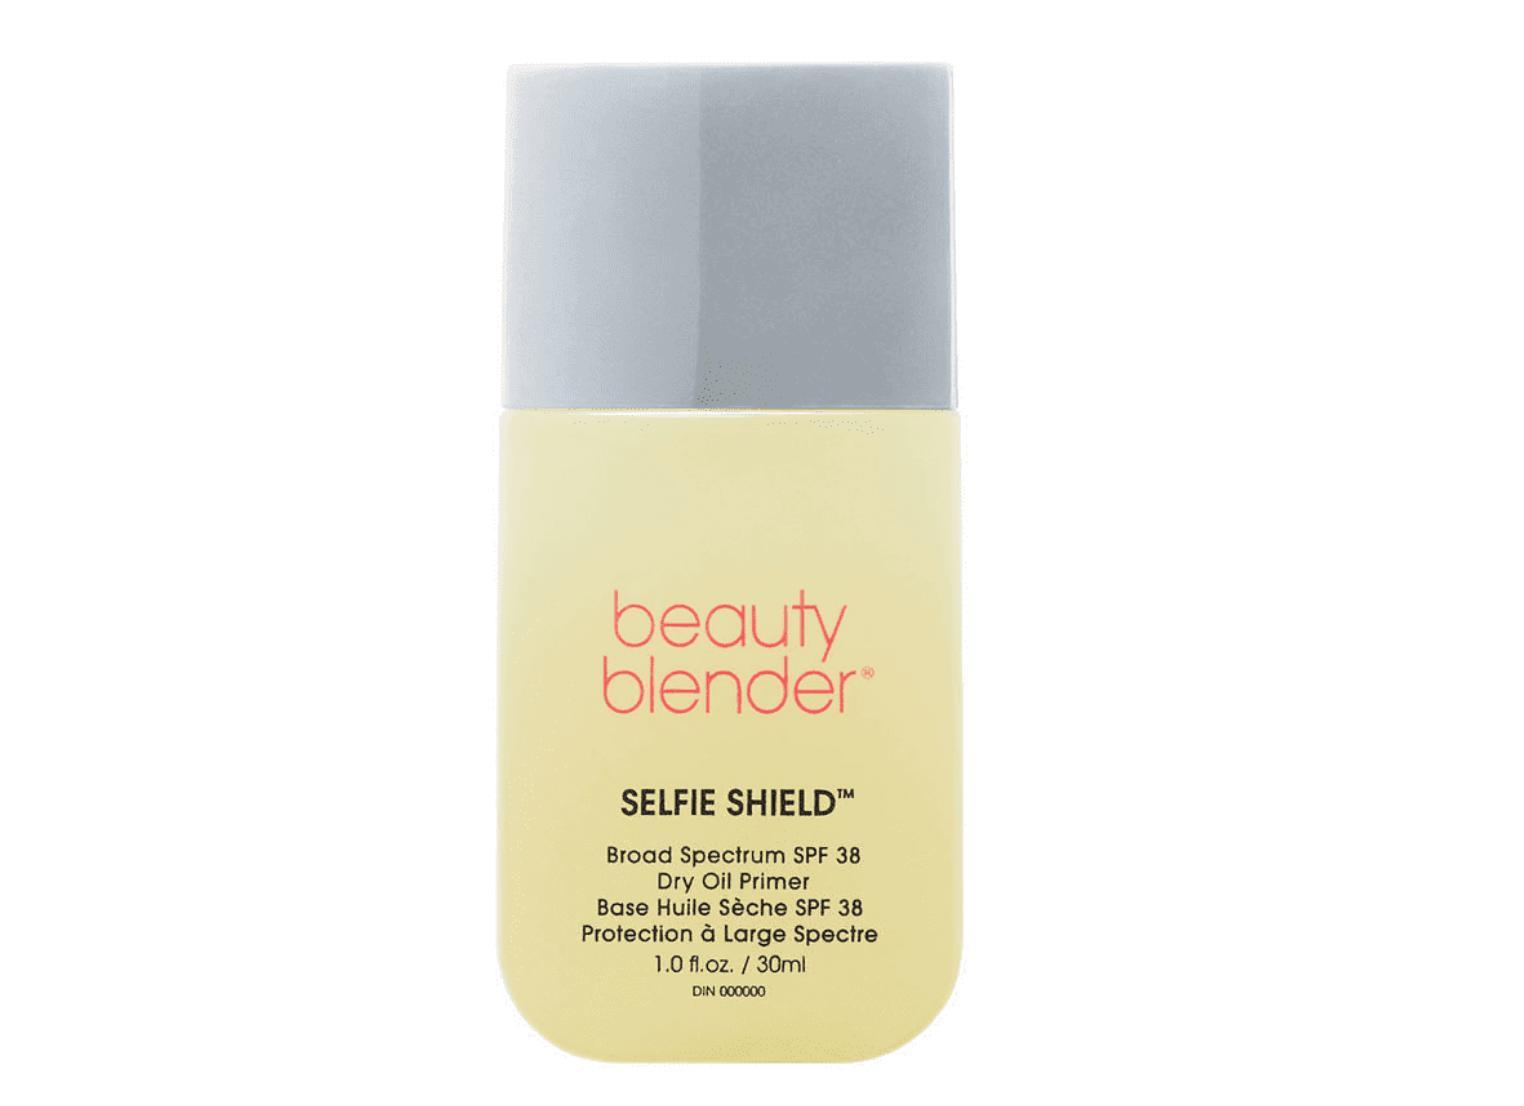 BeautyBlender Selfie Shield Dry Oil Primer